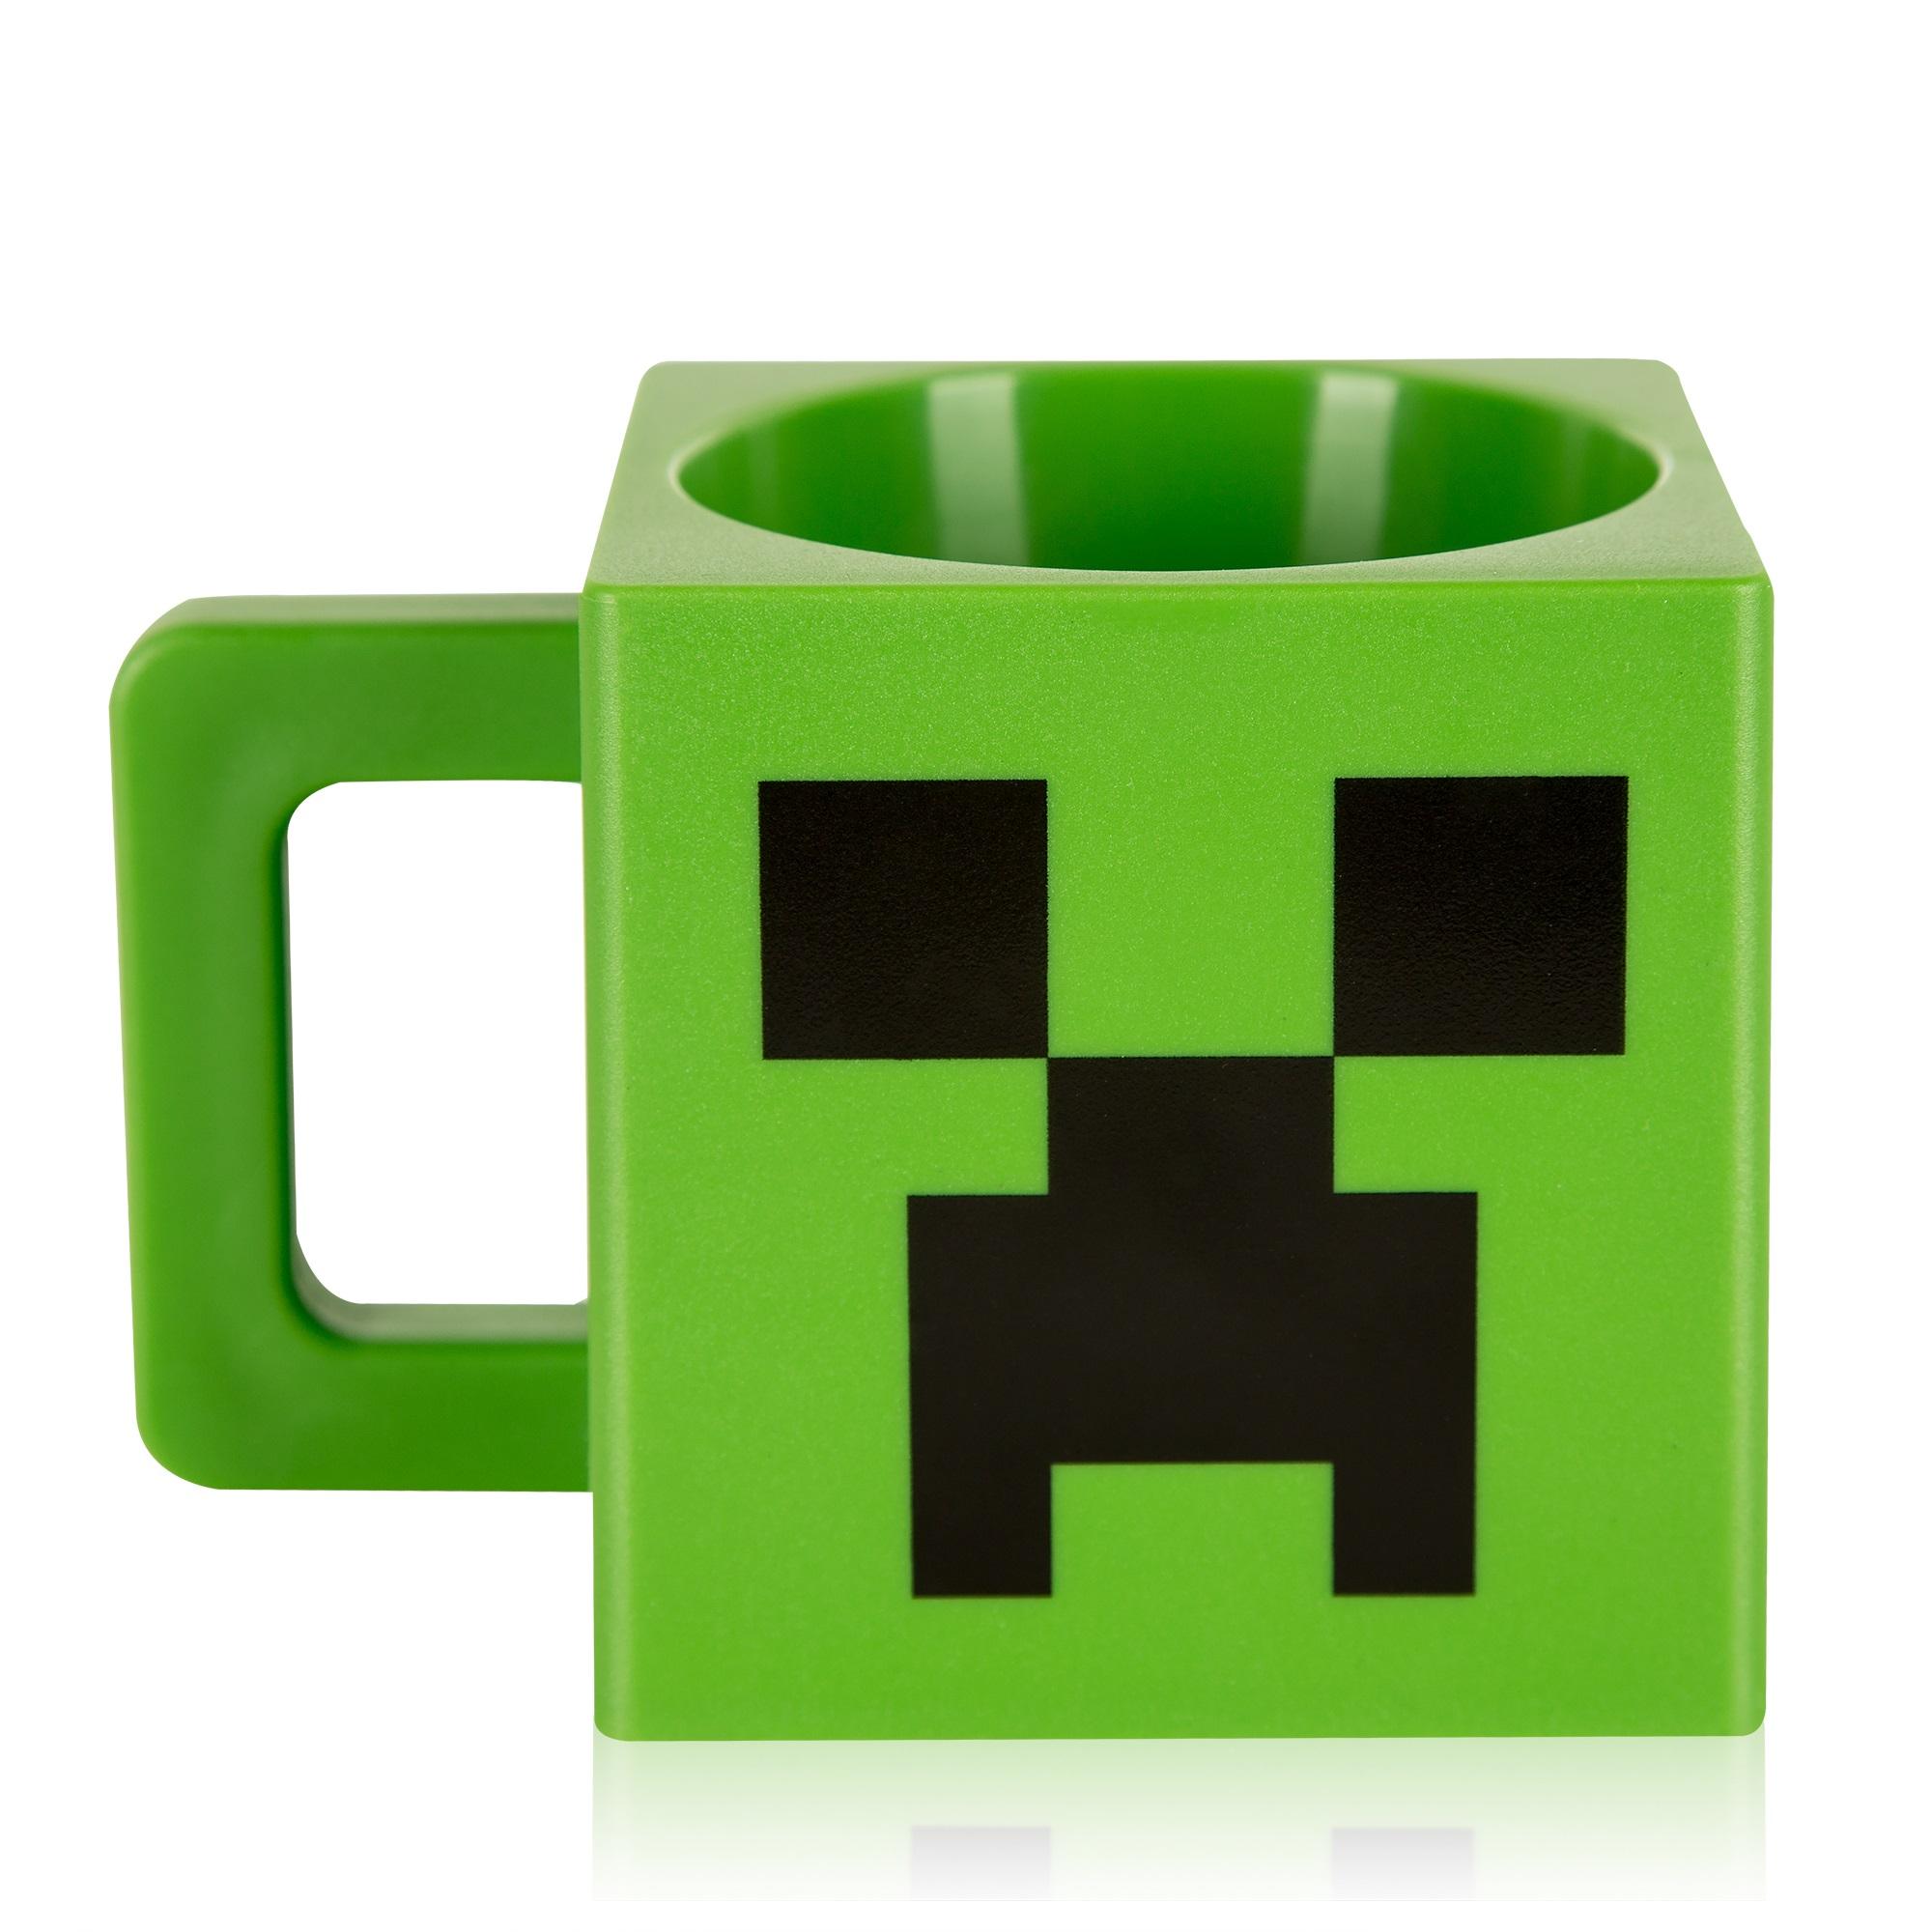 Кружка пластиковая Minecraft: Creeper (230 мл)Пластиковая кружка Minecraft: Creeper создана для настоящих ценителей компьютерной игры Майнкрафт.<br>